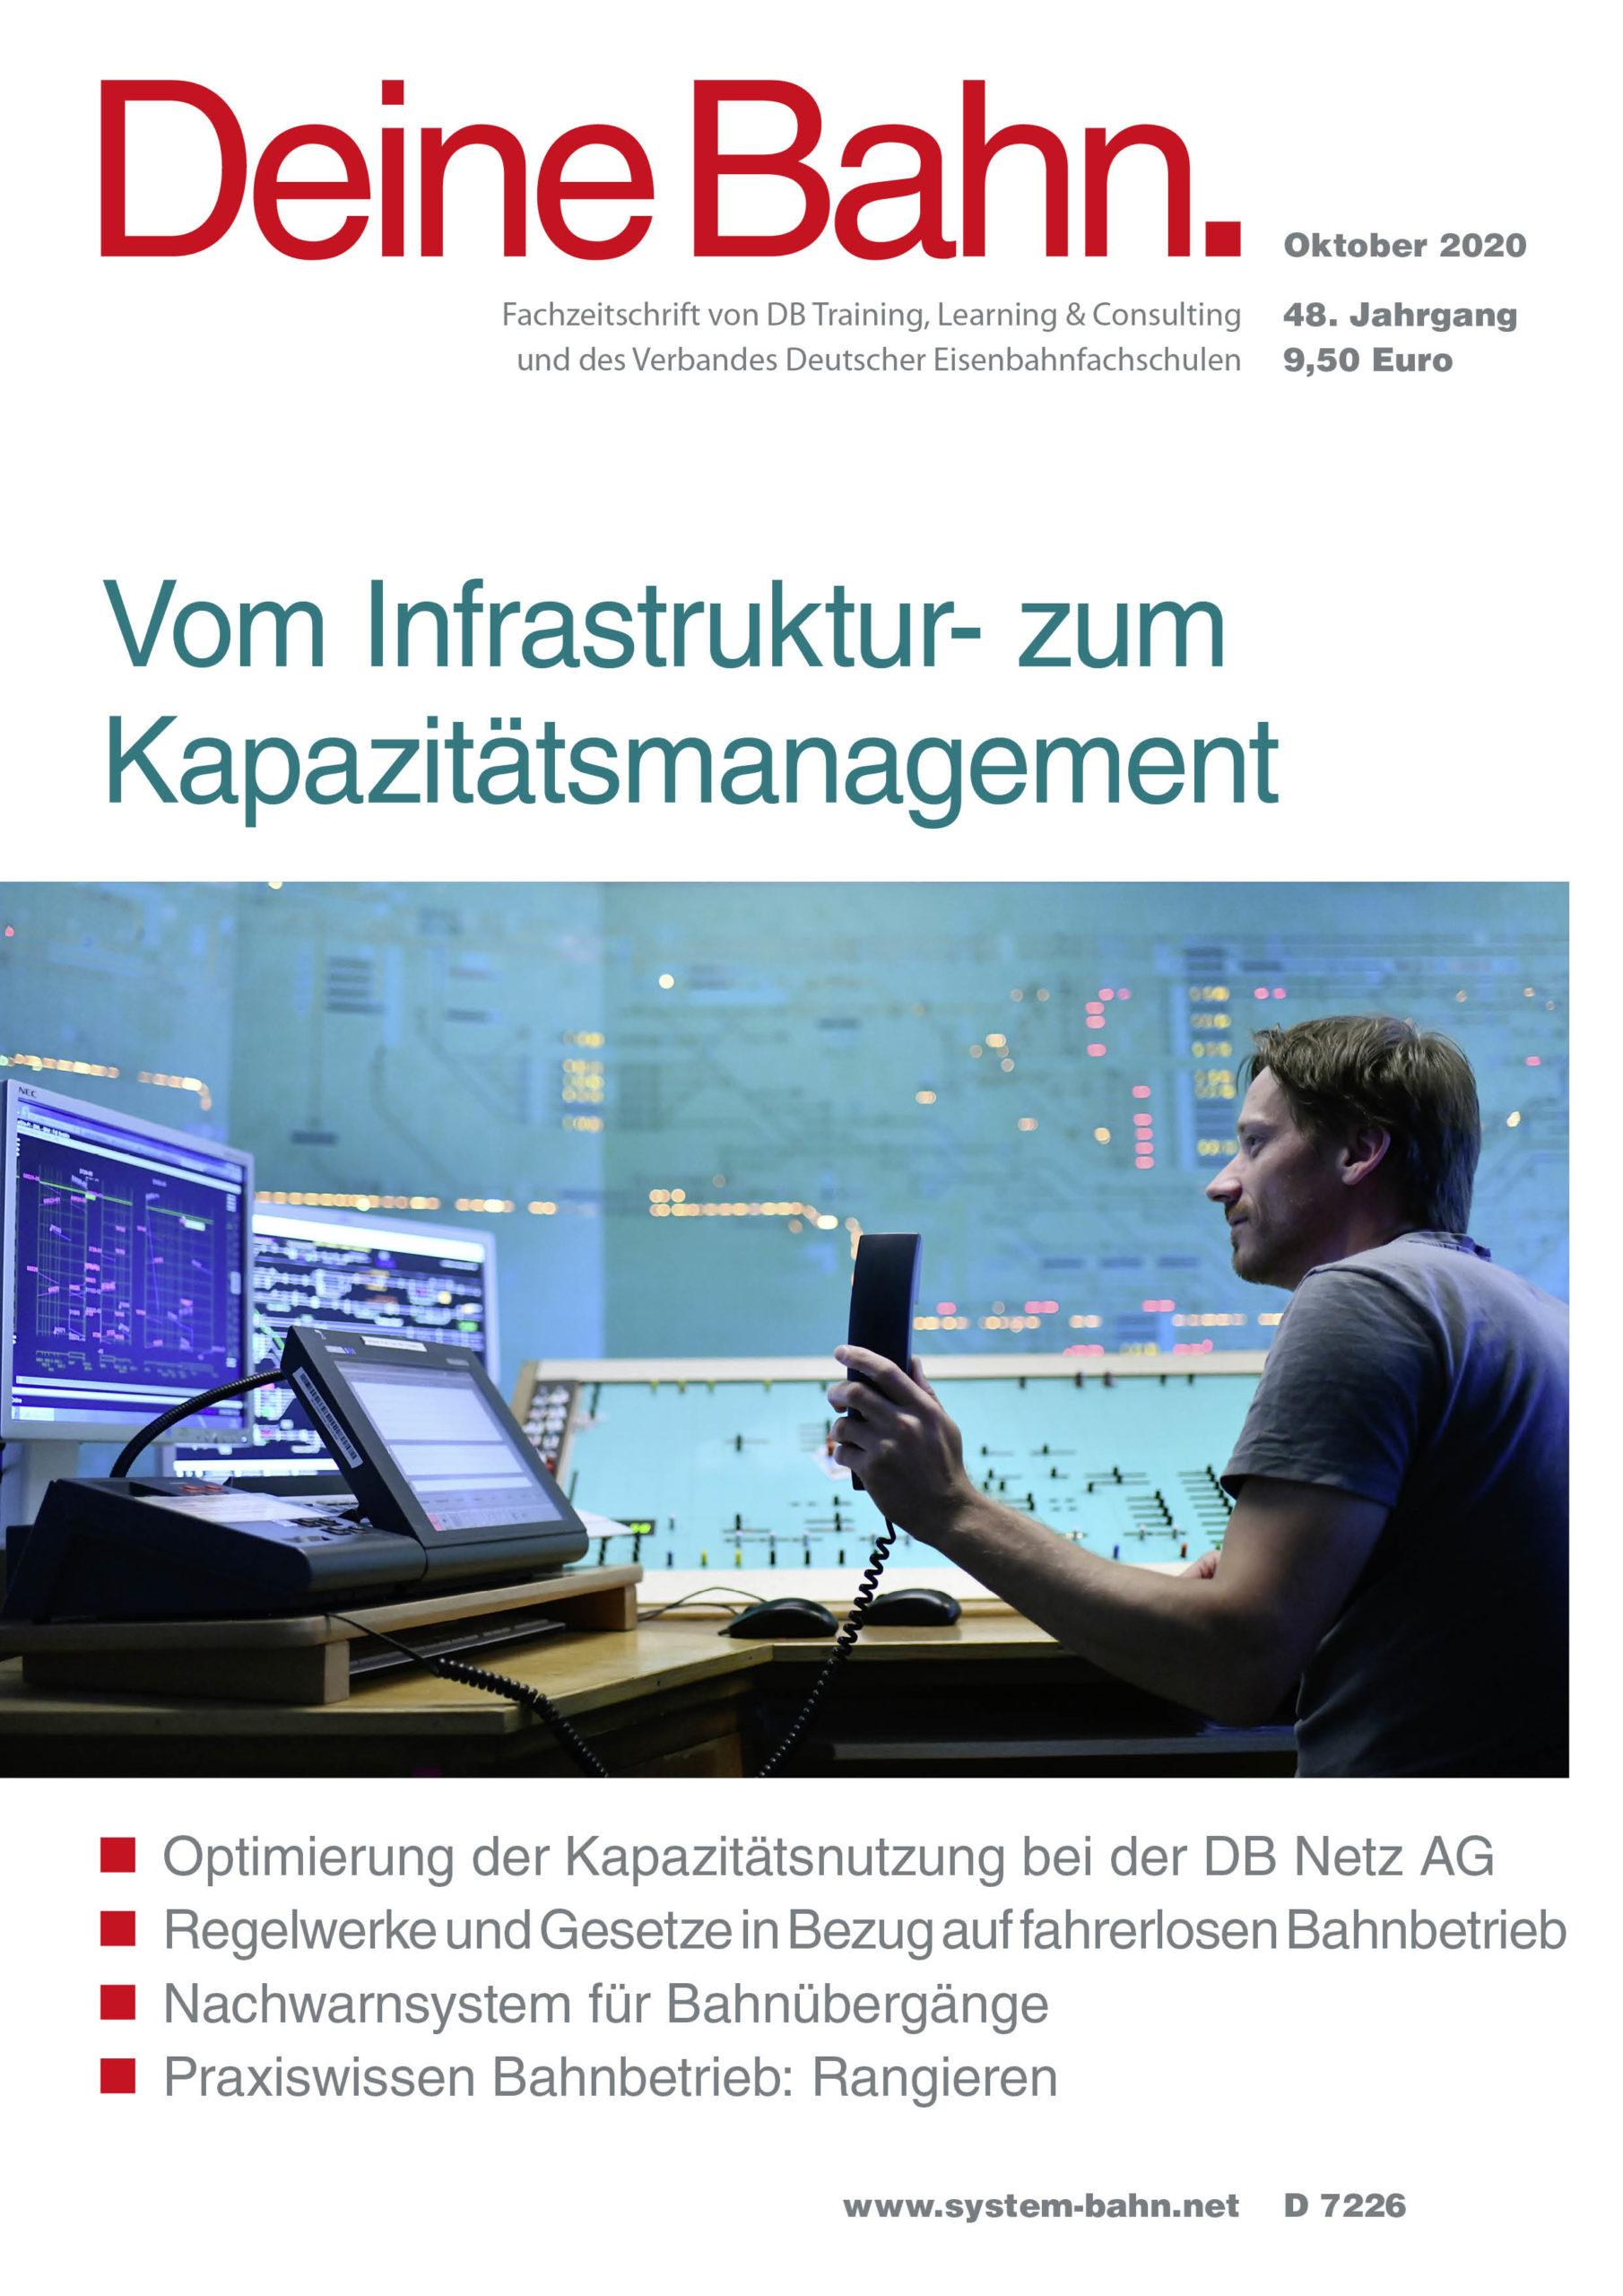 Umschlagmotiv Fachzeitschrift Deine Bahn Oktober 2020